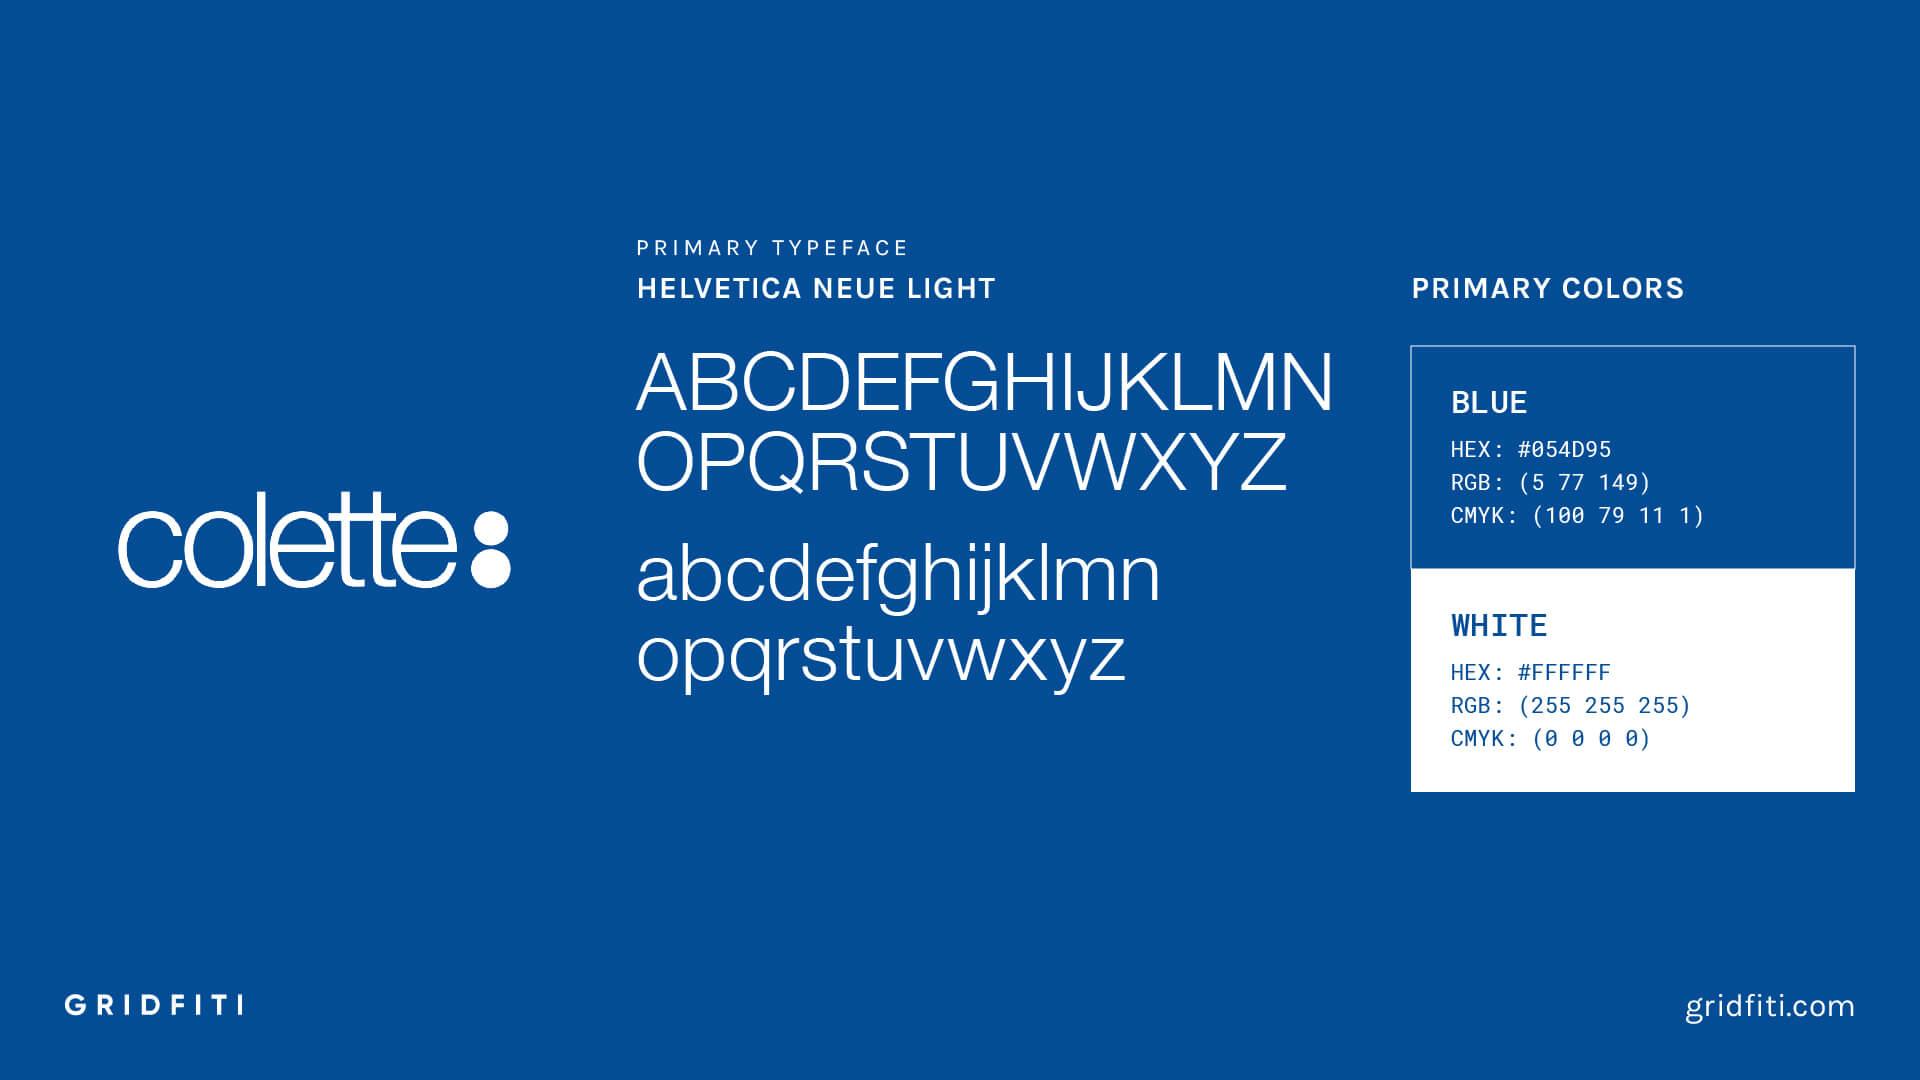 Colette Brand Font & Logo Colors